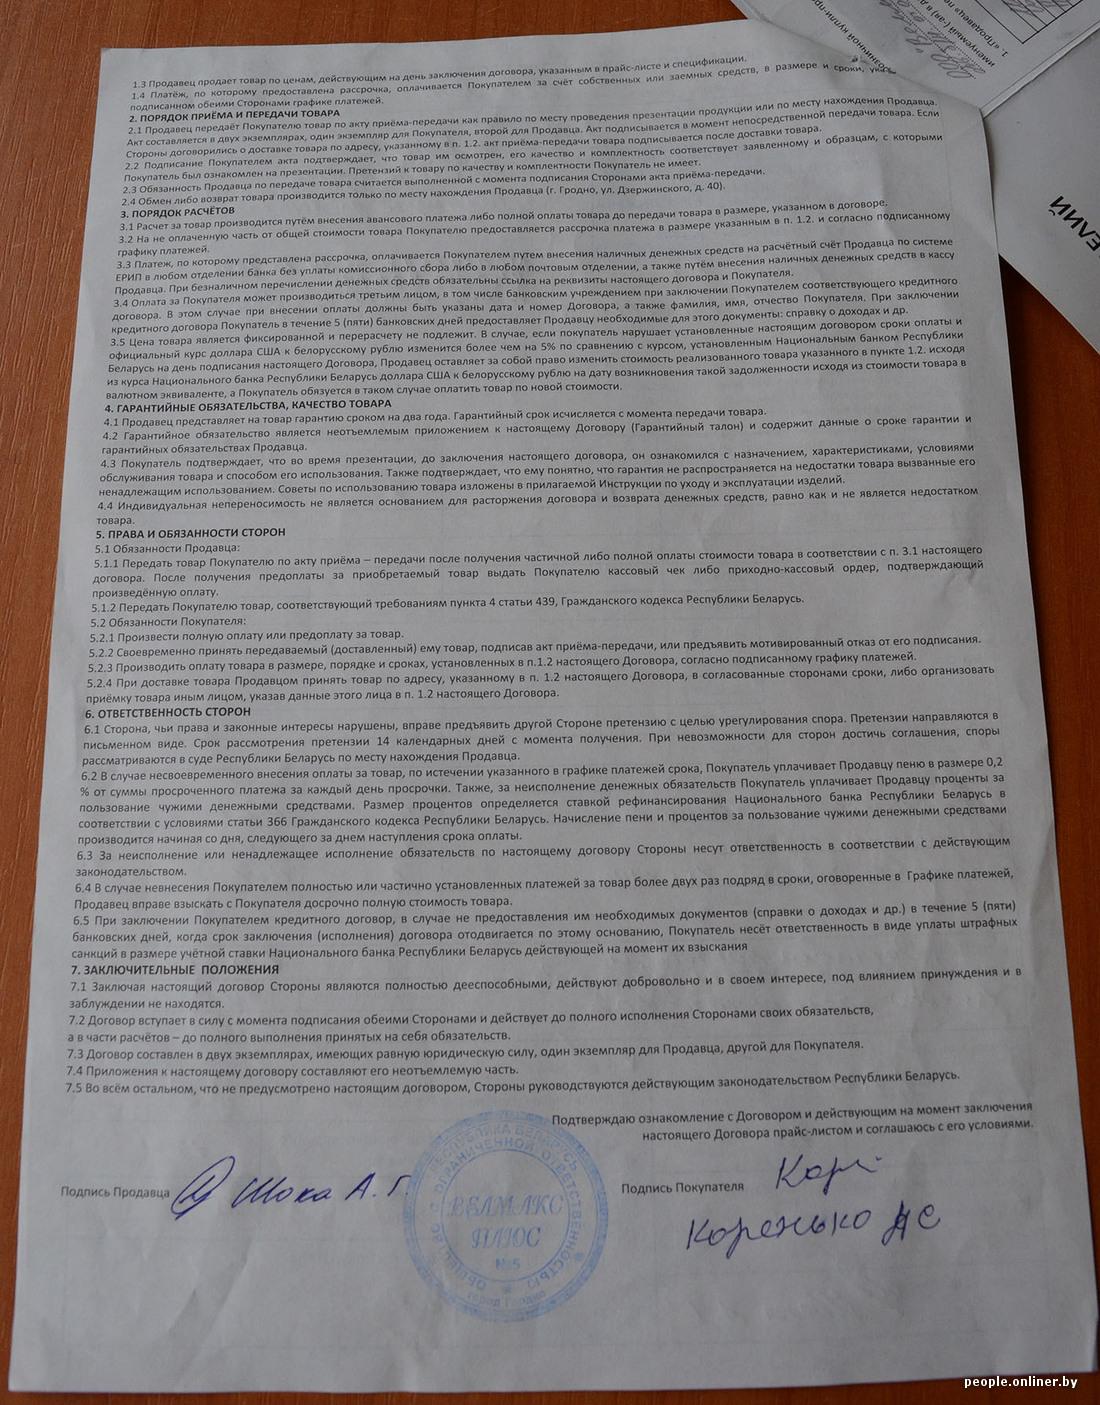 Отзывы о бабушке гадалке из дома престарелых витебск частные дома престарелых в алматы и алматинской области